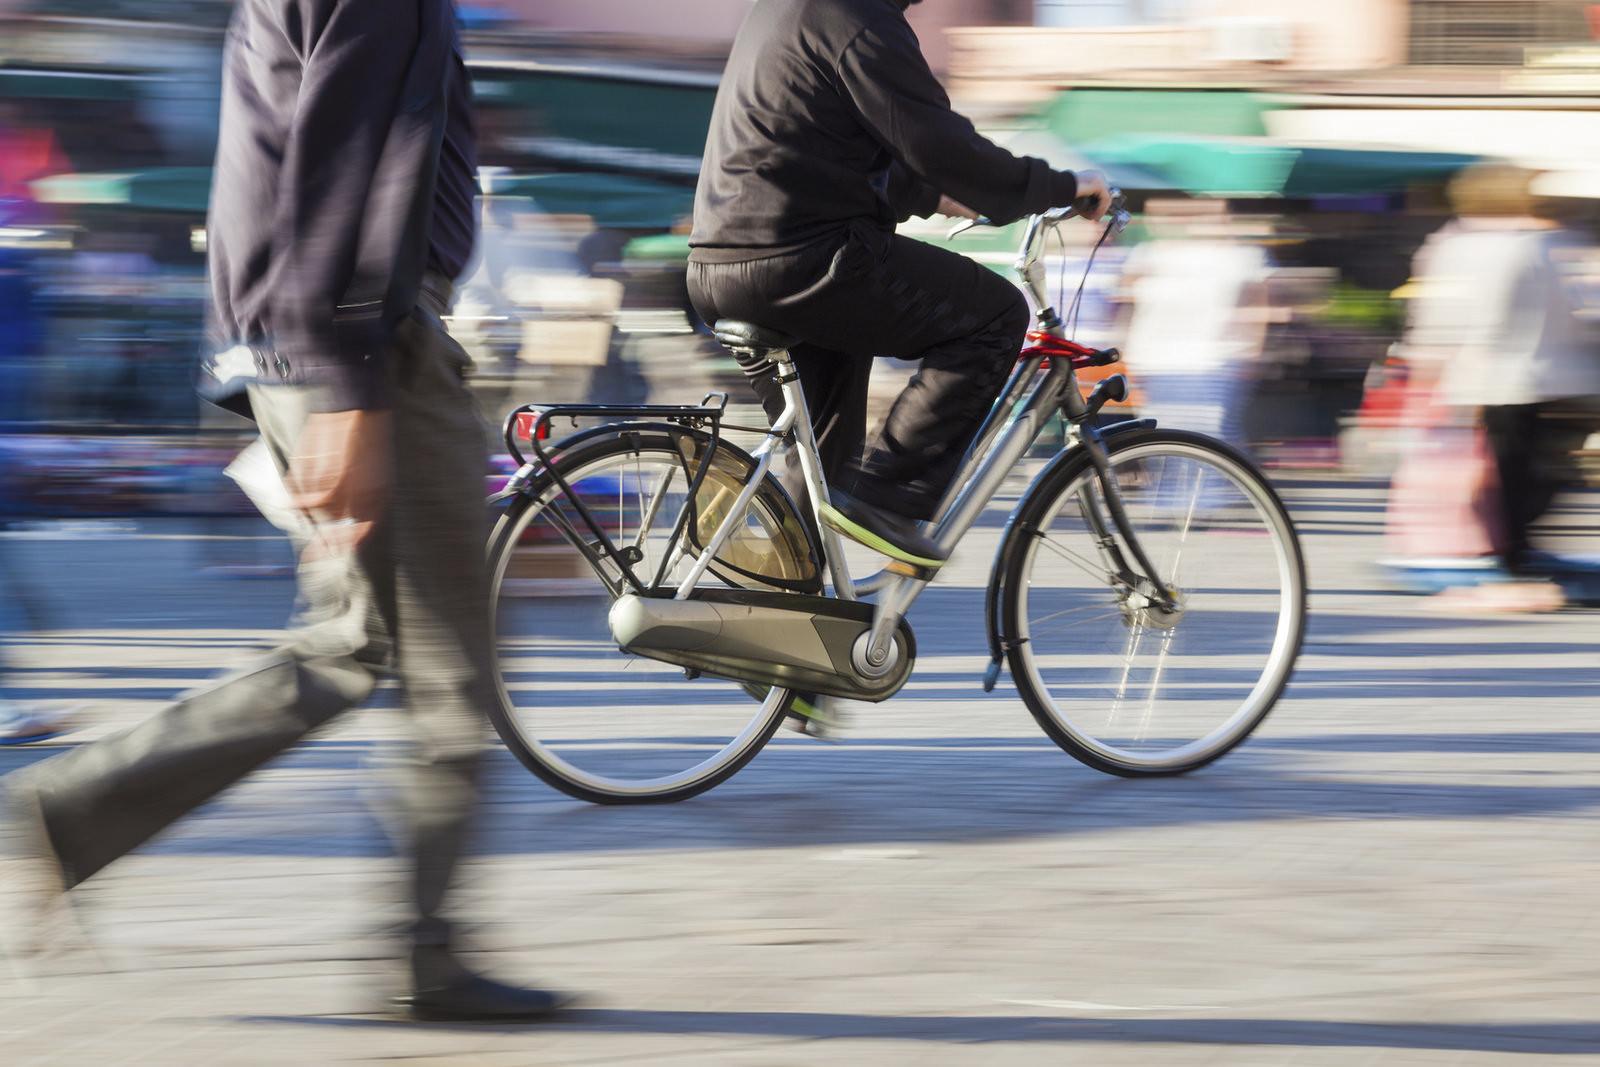 Ciudades caminables espacio compartido